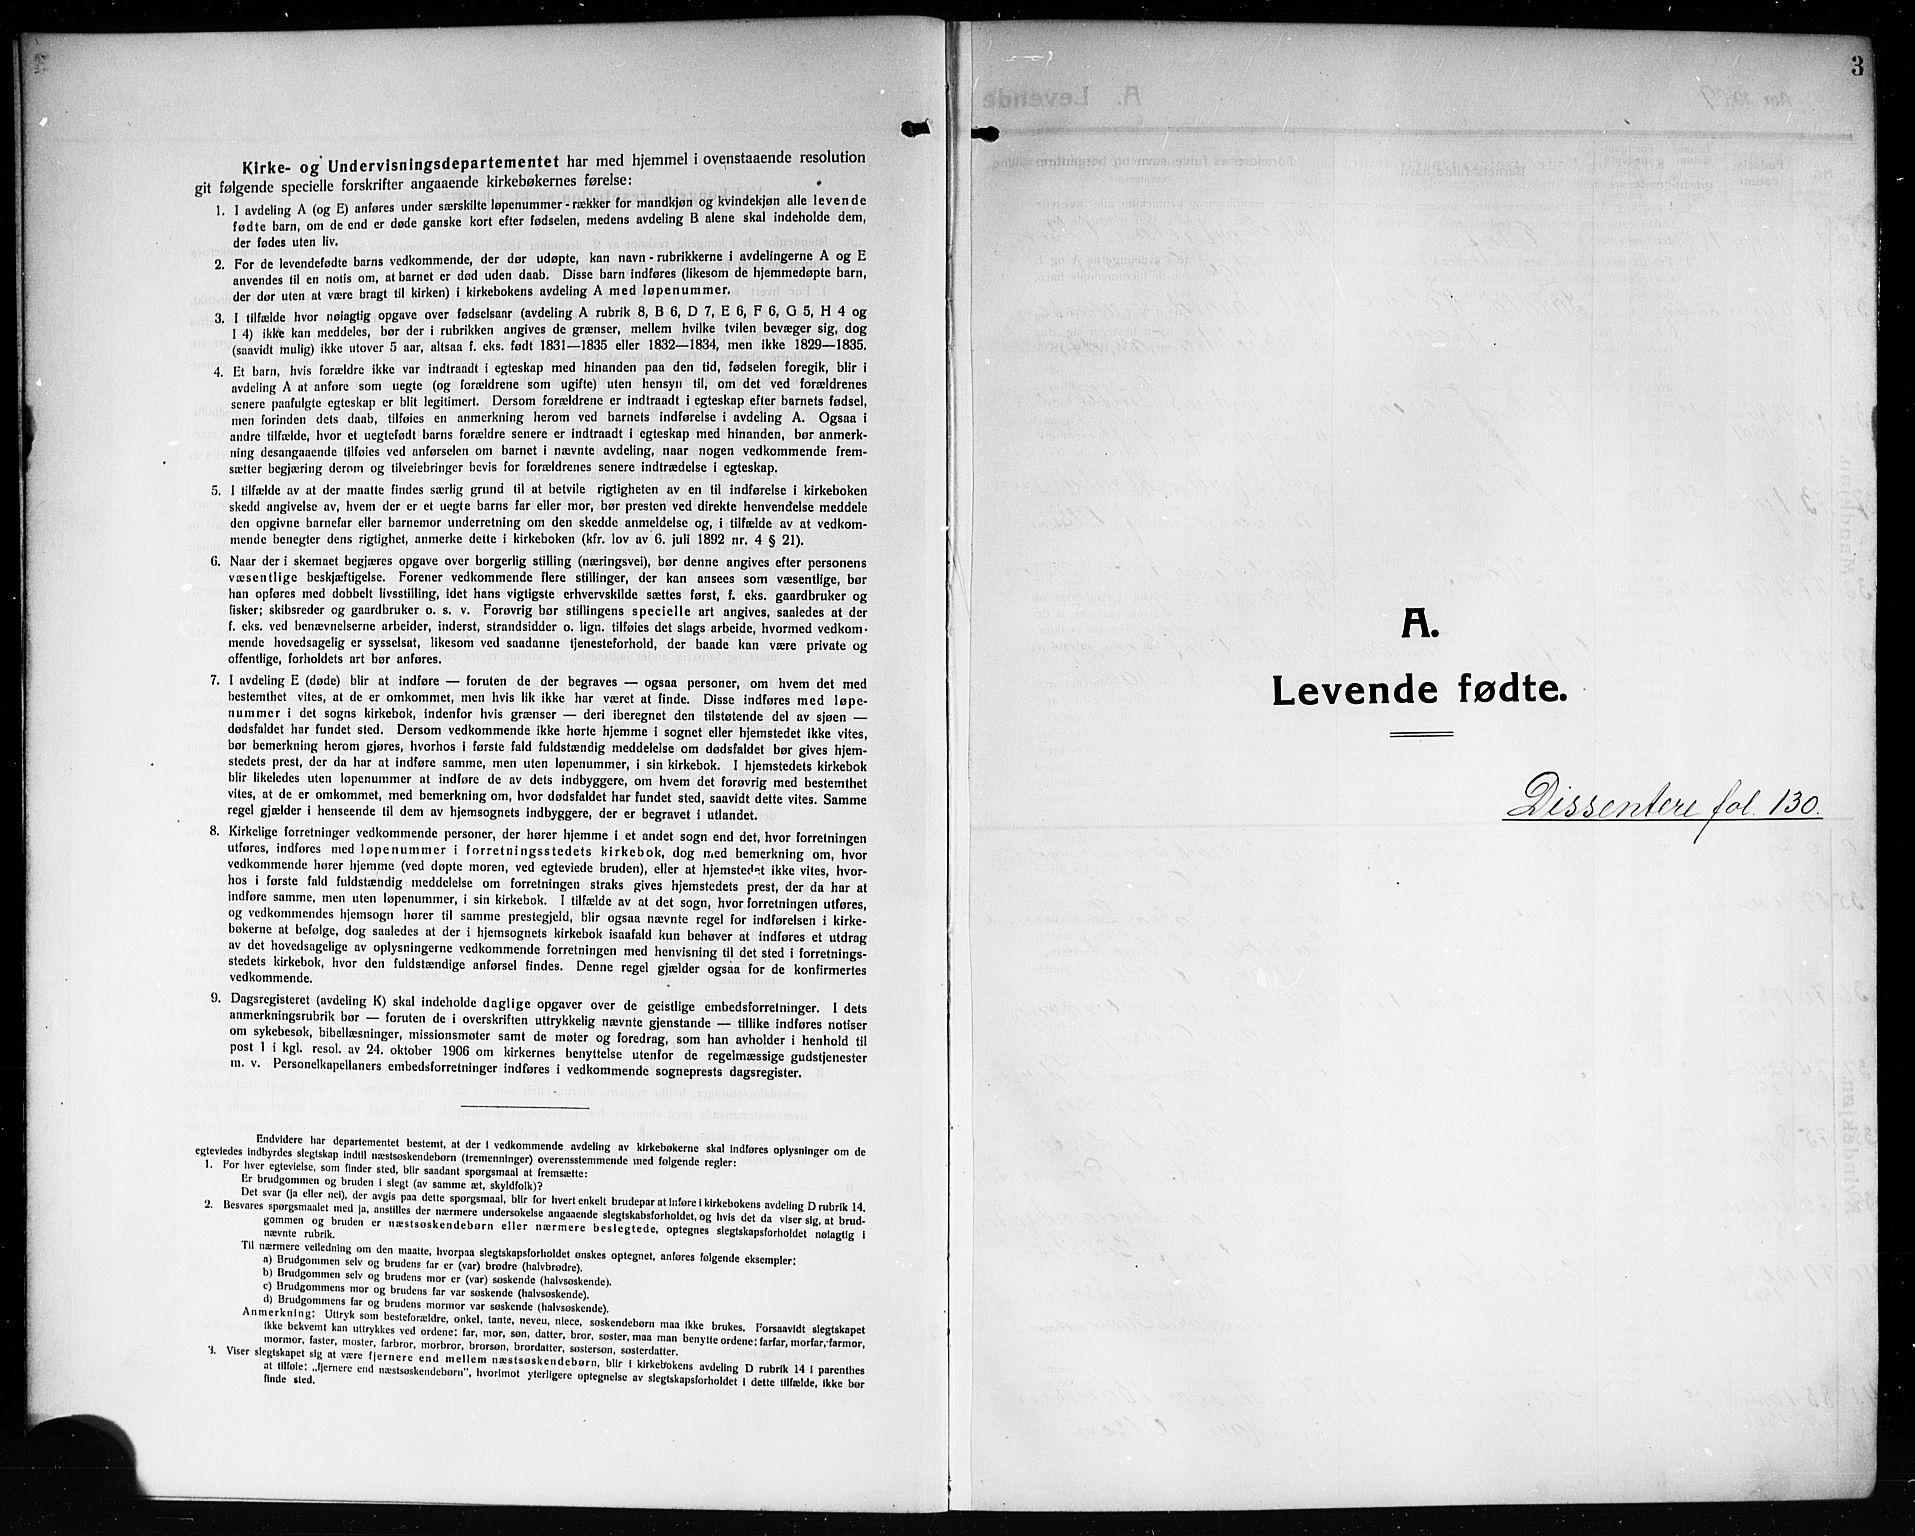 SAKO, Solum kirkebøker, G/Ga/L0009: Klokkerbok nr. I 9, 1909-1922, s. 3